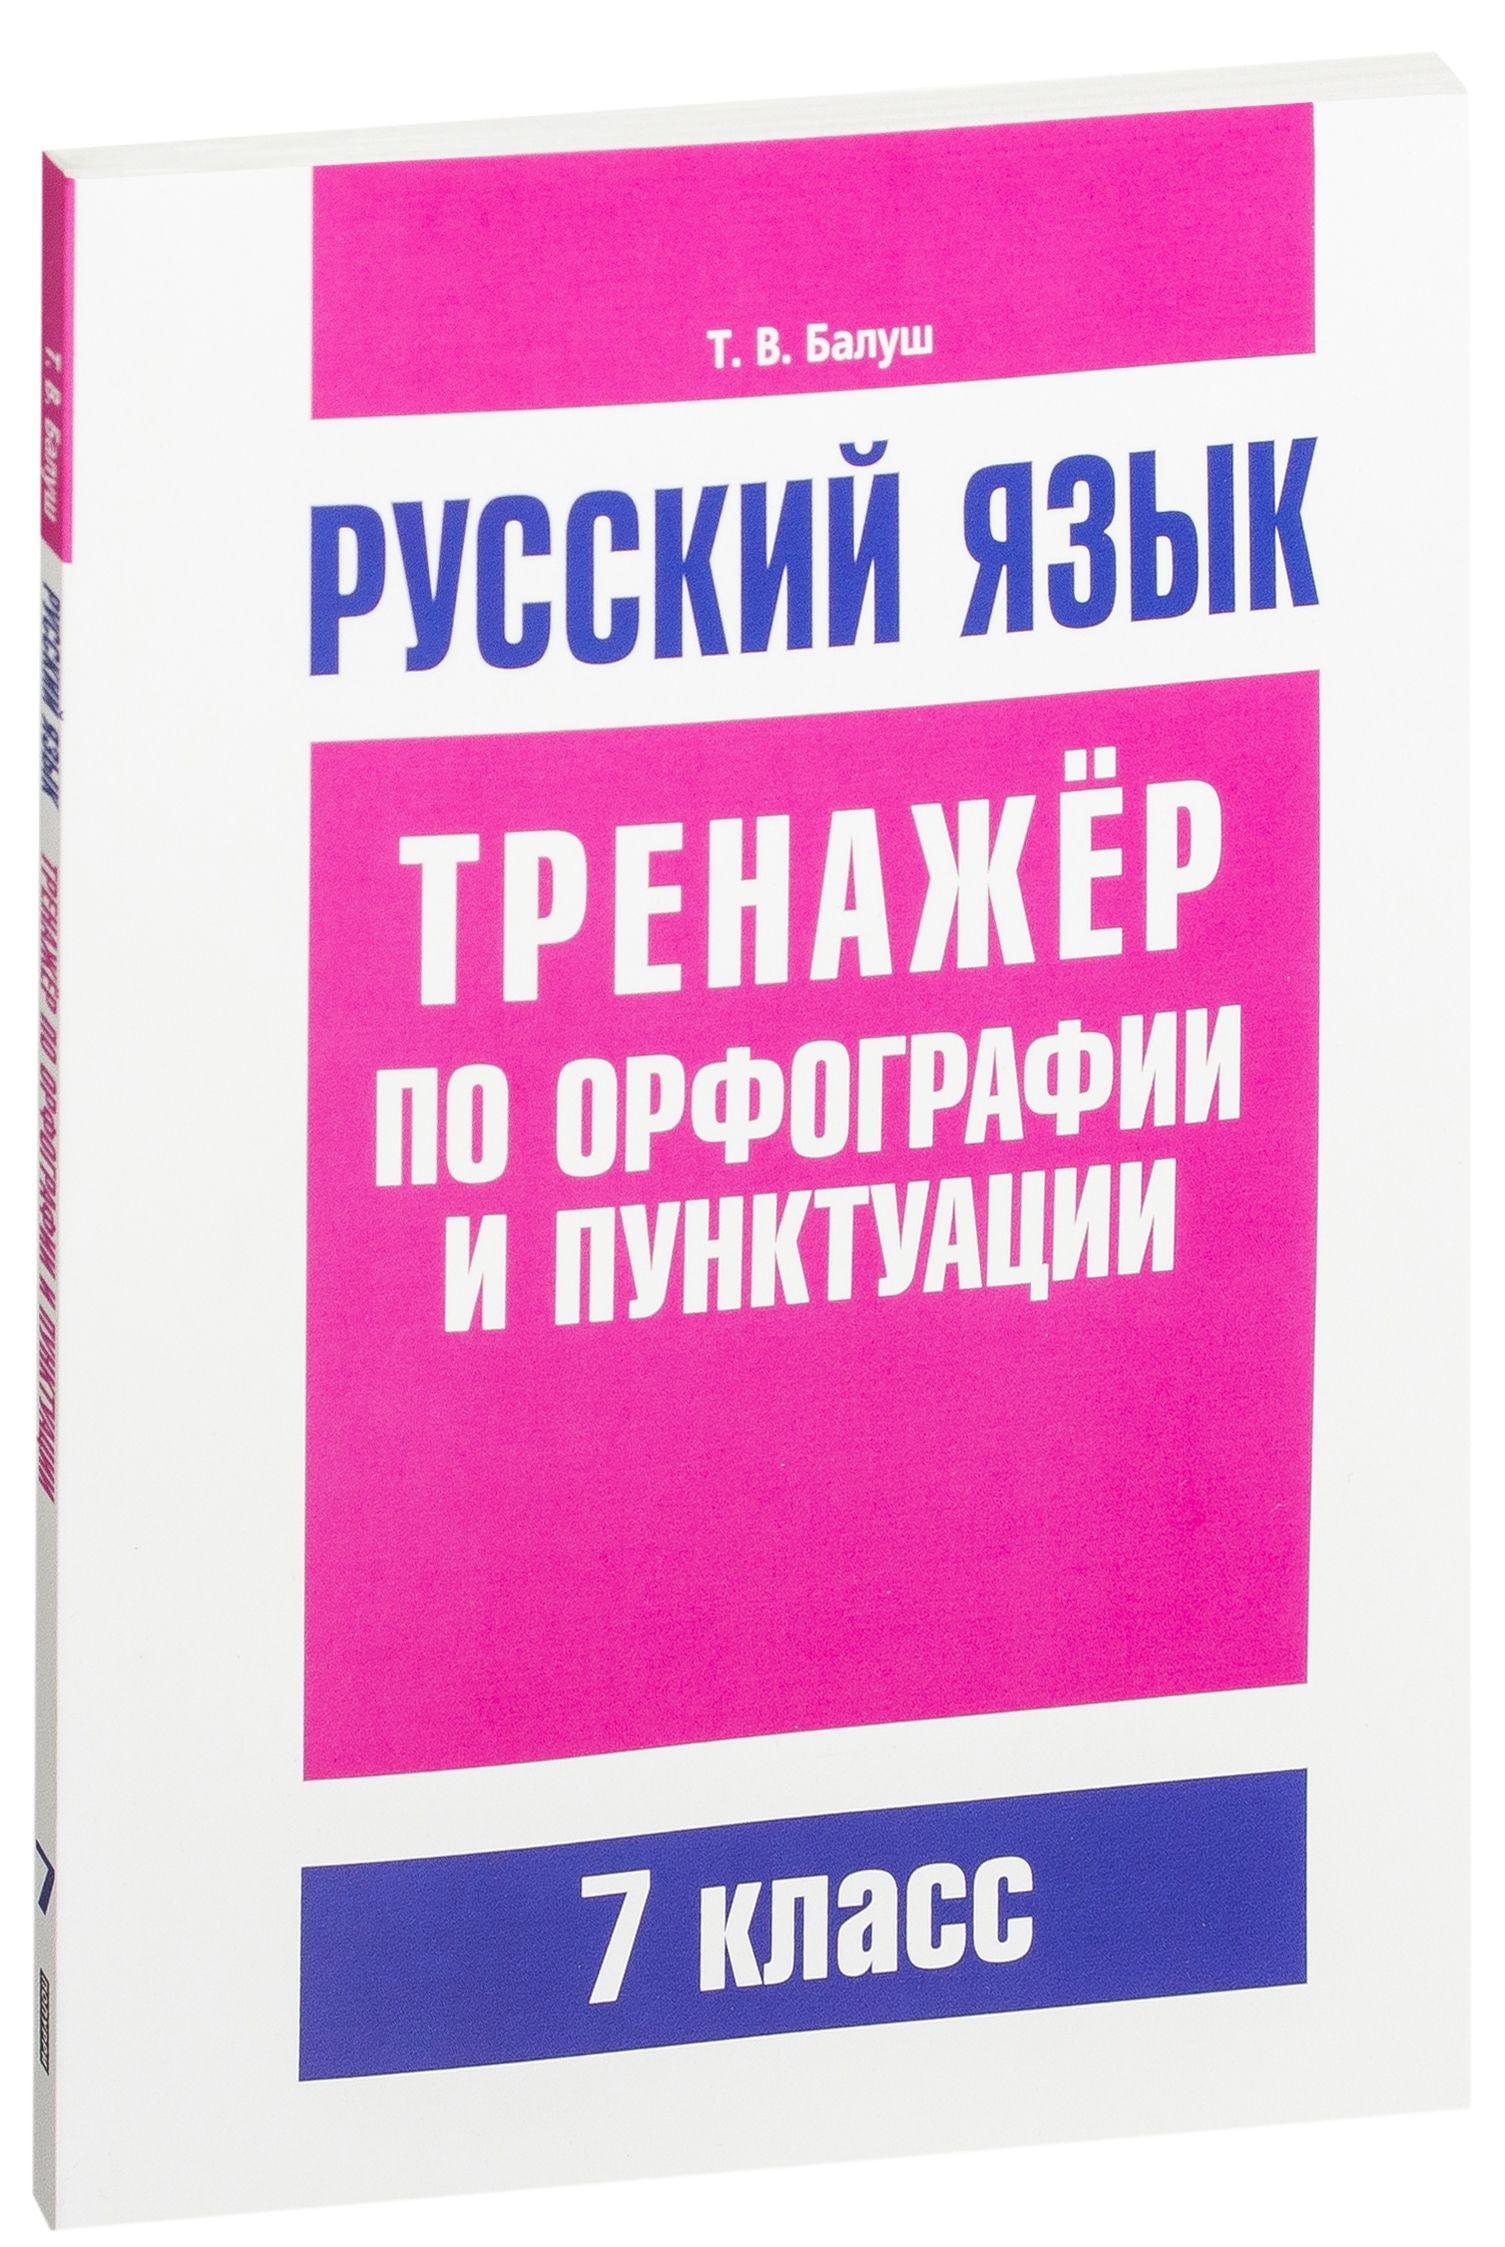 Русский Язык, тренажер по Орфографии и пунктуации, 7 класс